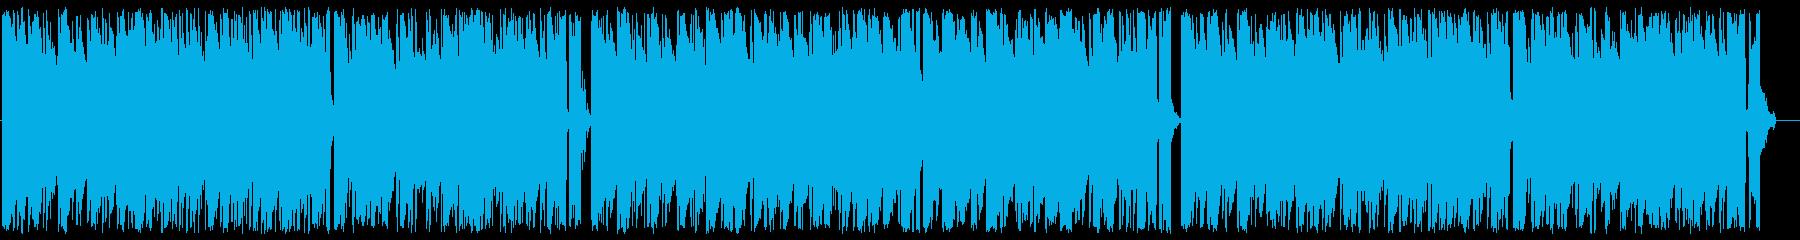 Dance of Kimpyeong Sugar Bosa Nova Arrangement's reproduced waveform